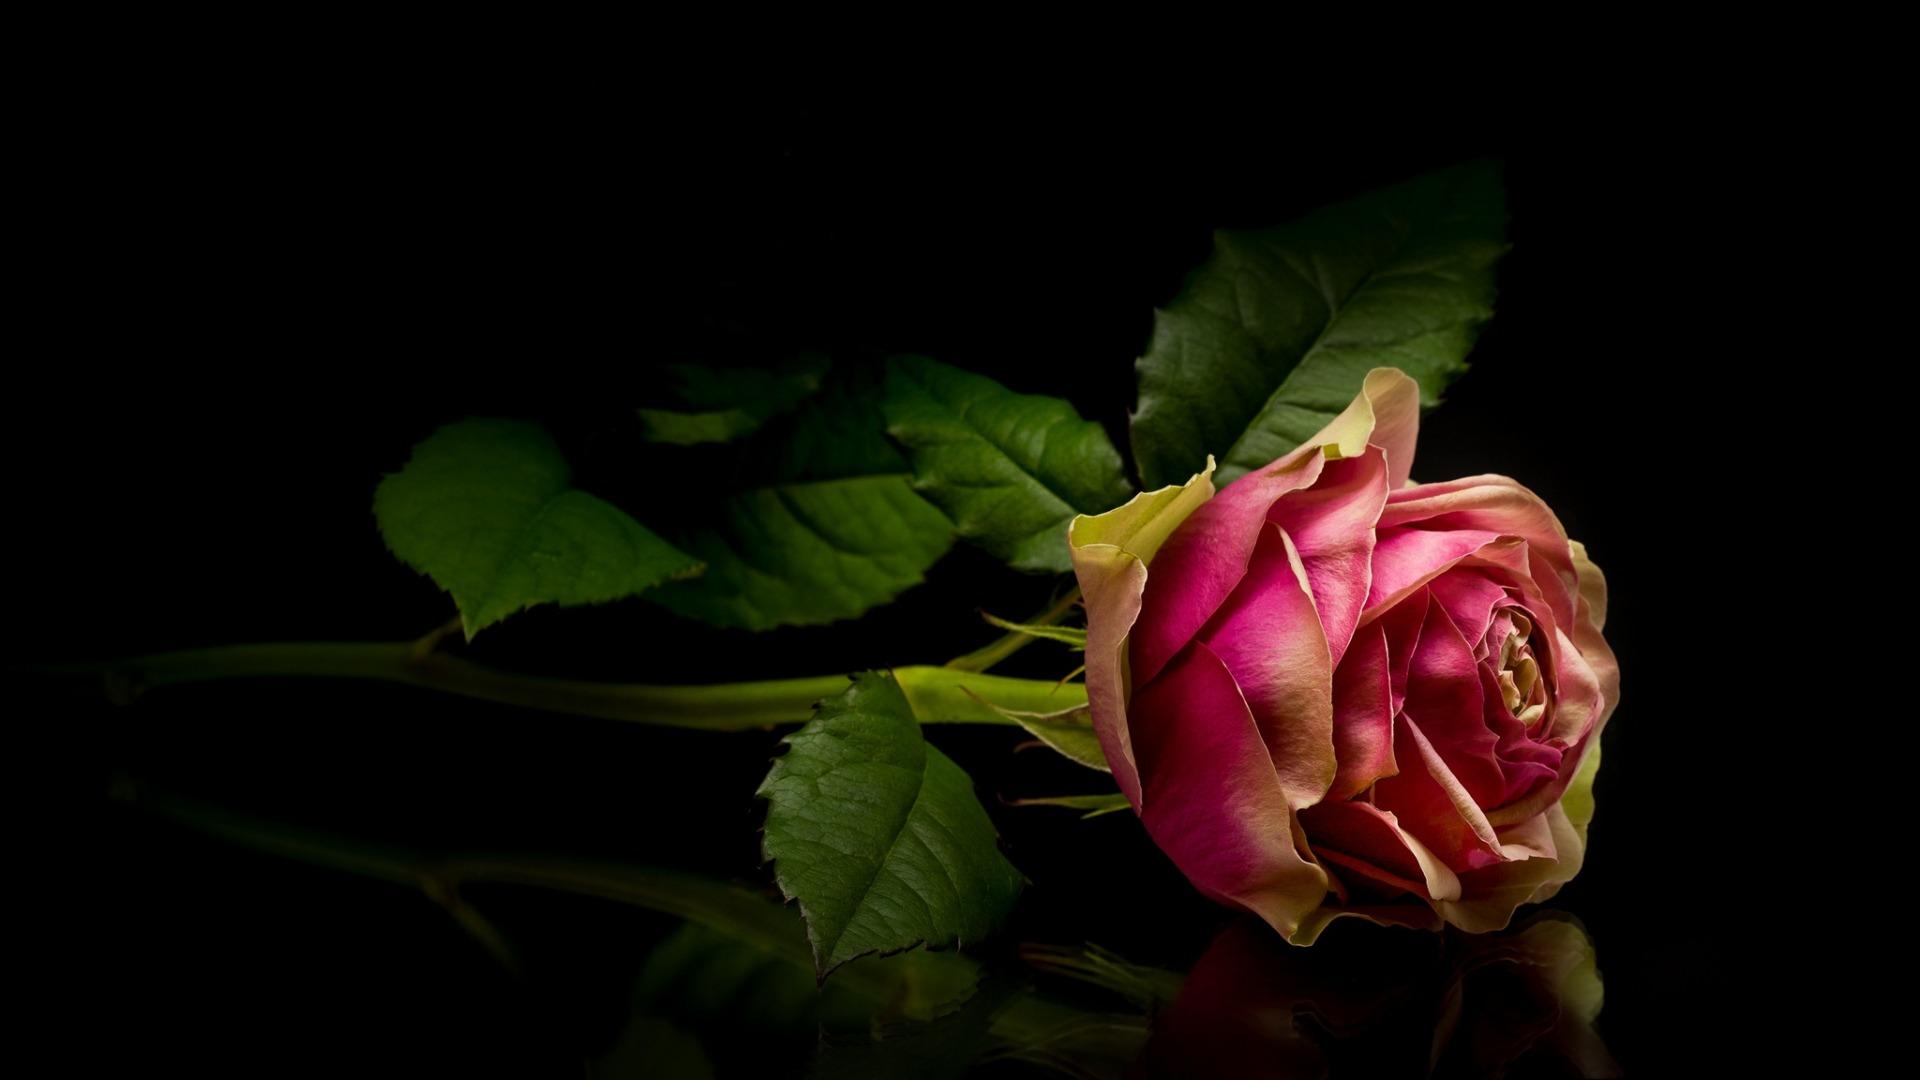 Картинки детские, красивые картинки розы на черном фоне